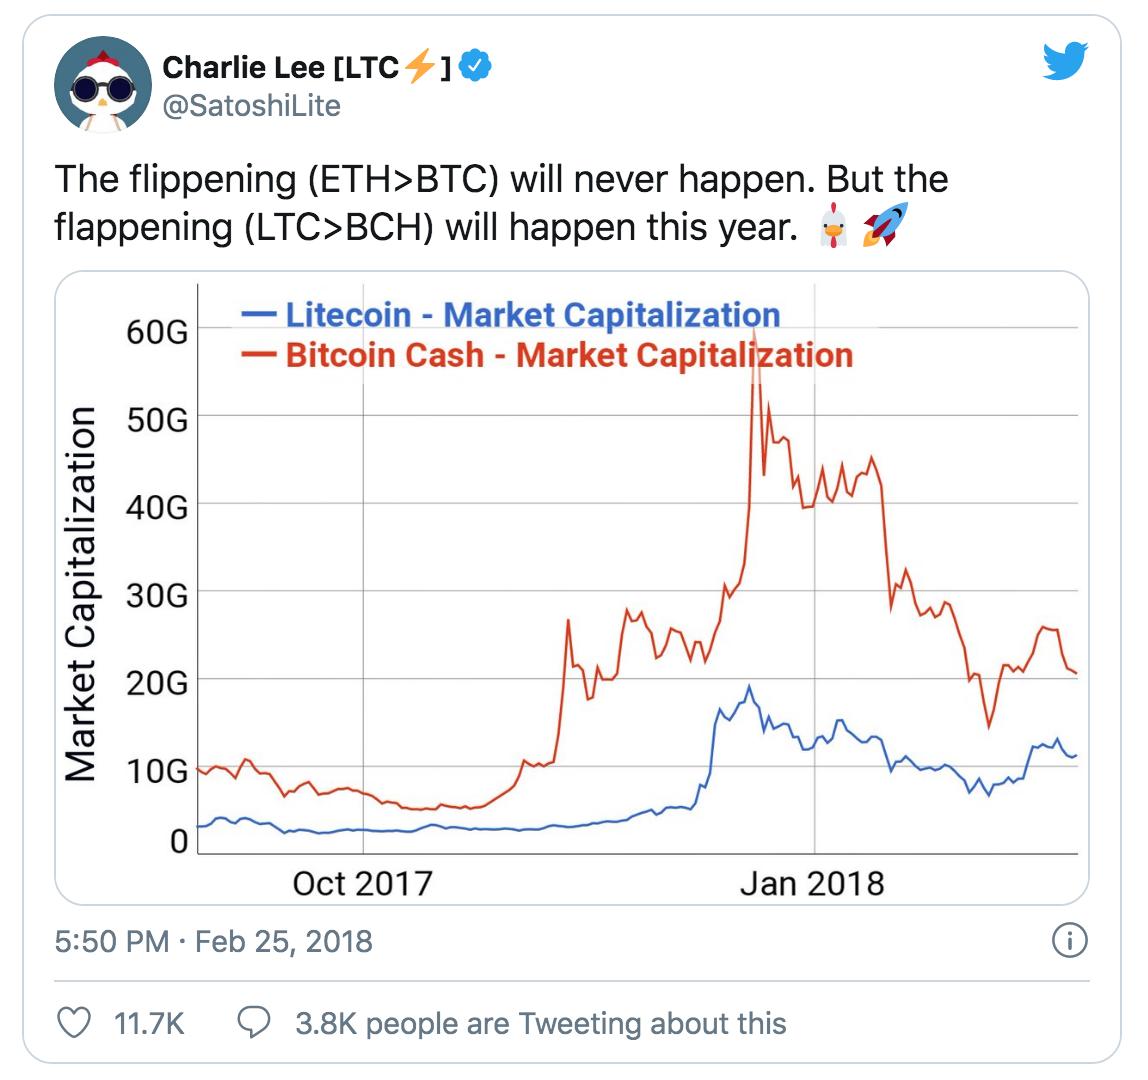 litecoin market cap vs bitcoin